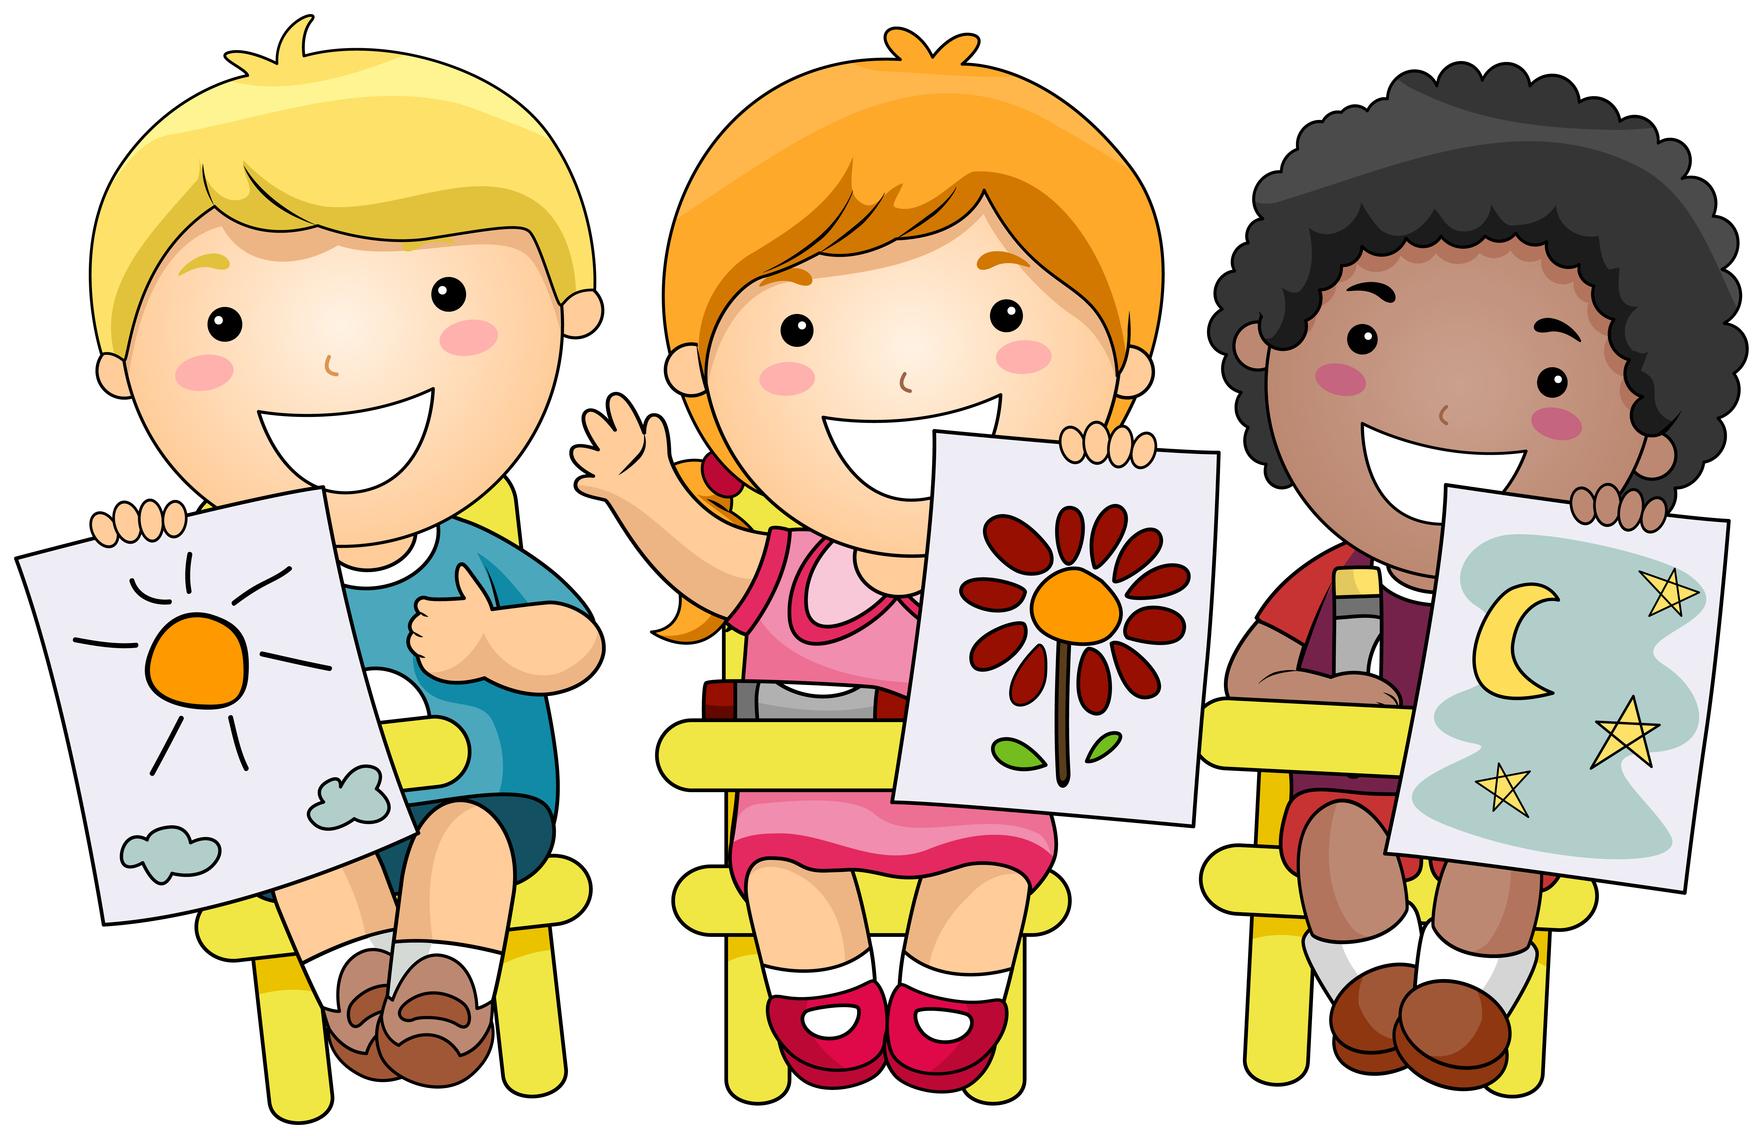 Clip Art Of Kids Crafts. b7d0bce095d7626-Clip Art Of Kids Crafts. b7d0bce095d7626184eb0b3edb034e .-9